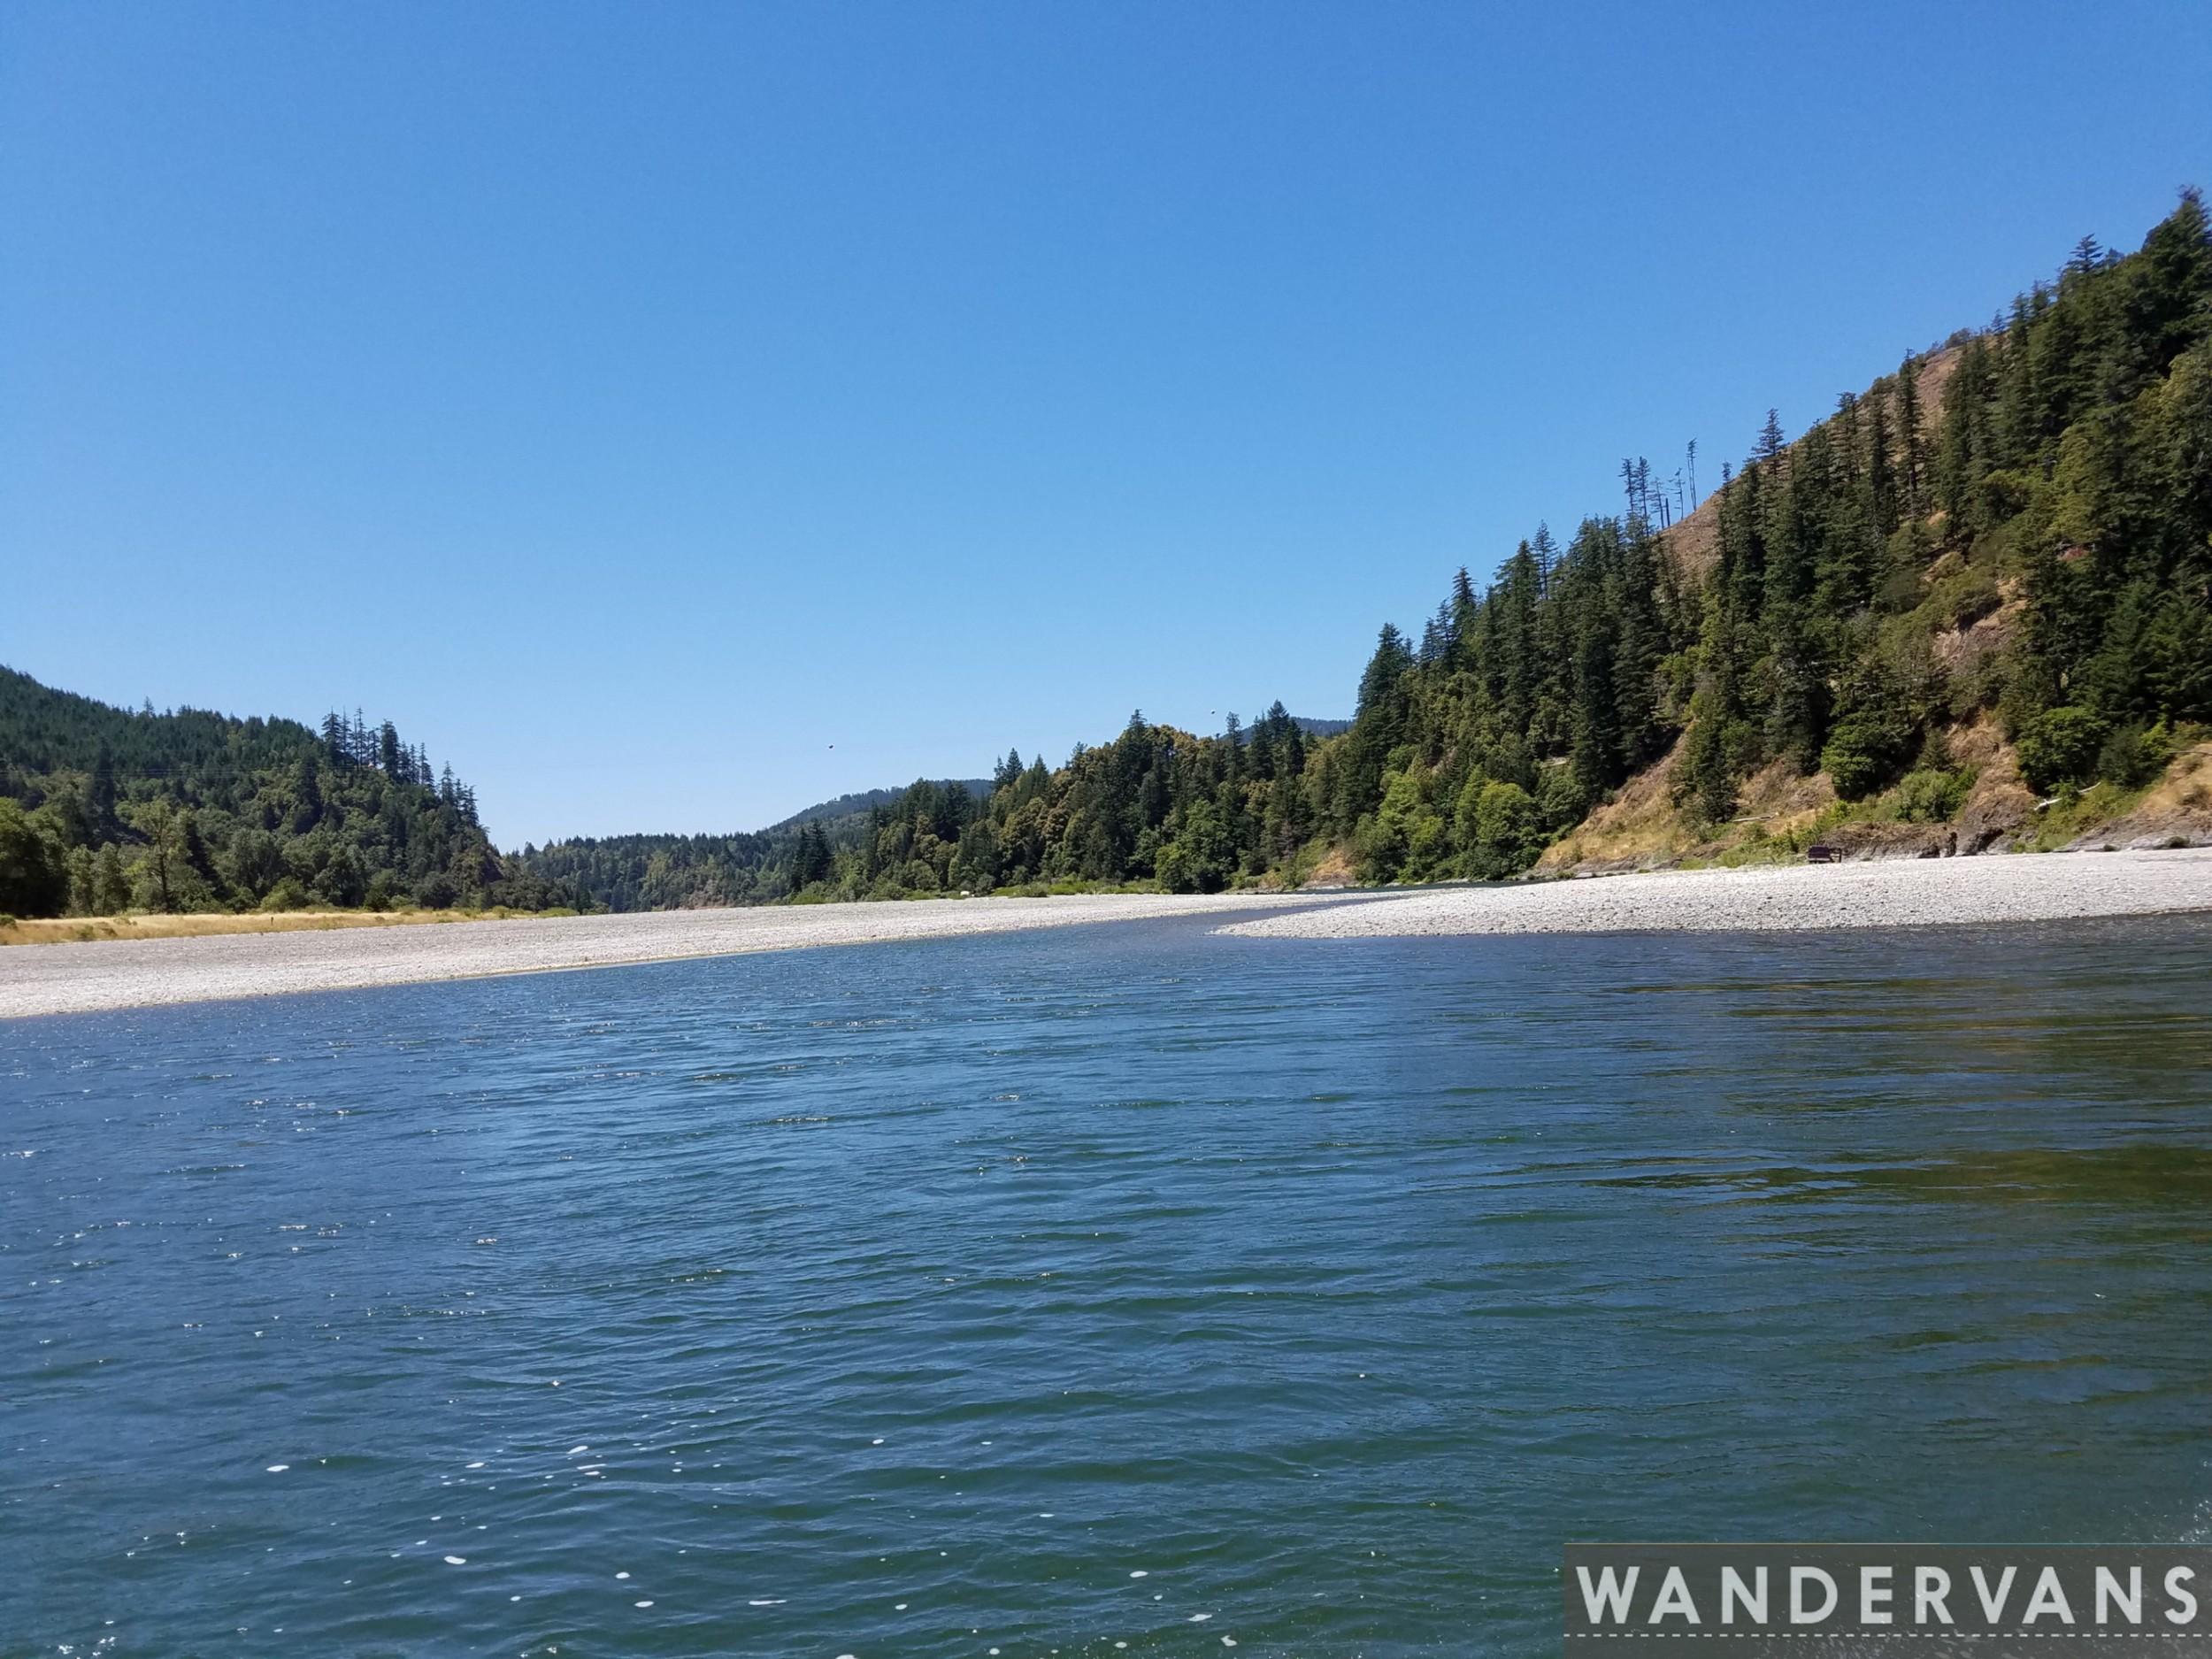 vanlife-rv-campervan-rent-idaho-sun-valley-boise-wandervans-wanderlust-skiing-snowboard-biking-hiking-outsidevan-Wandervans-oregon-redwoods-coast